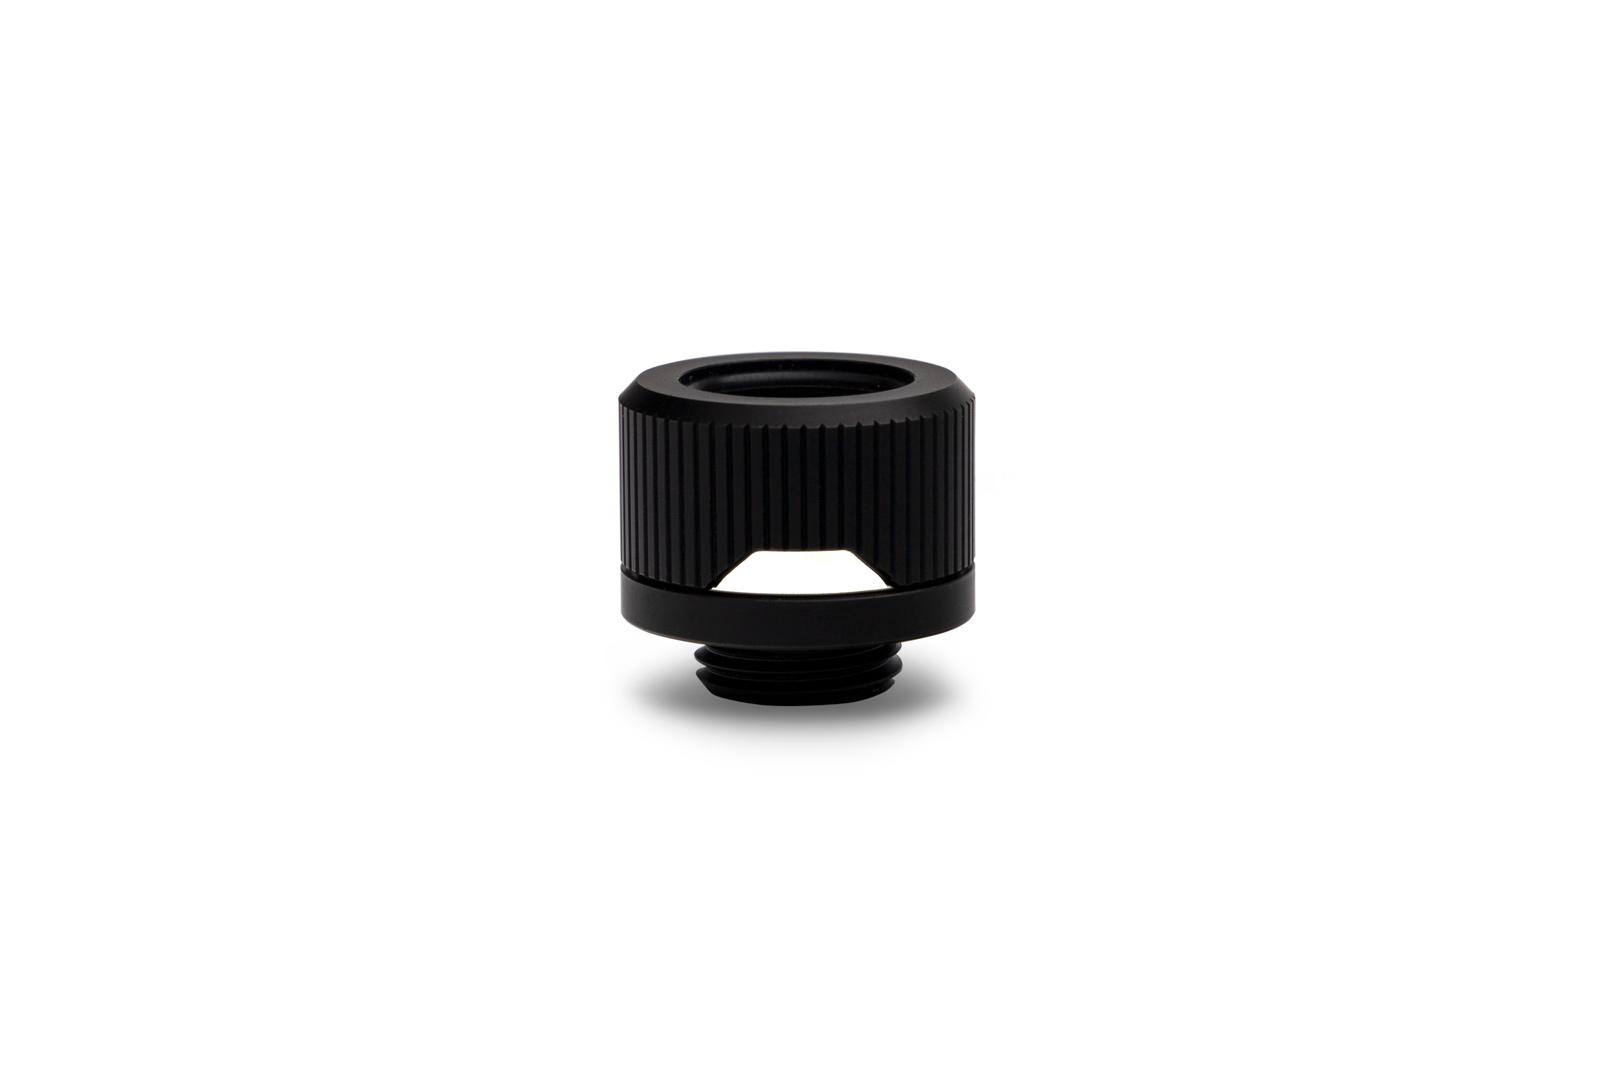 EK_Torque_Fitting_HTC_14_Black_Nickel